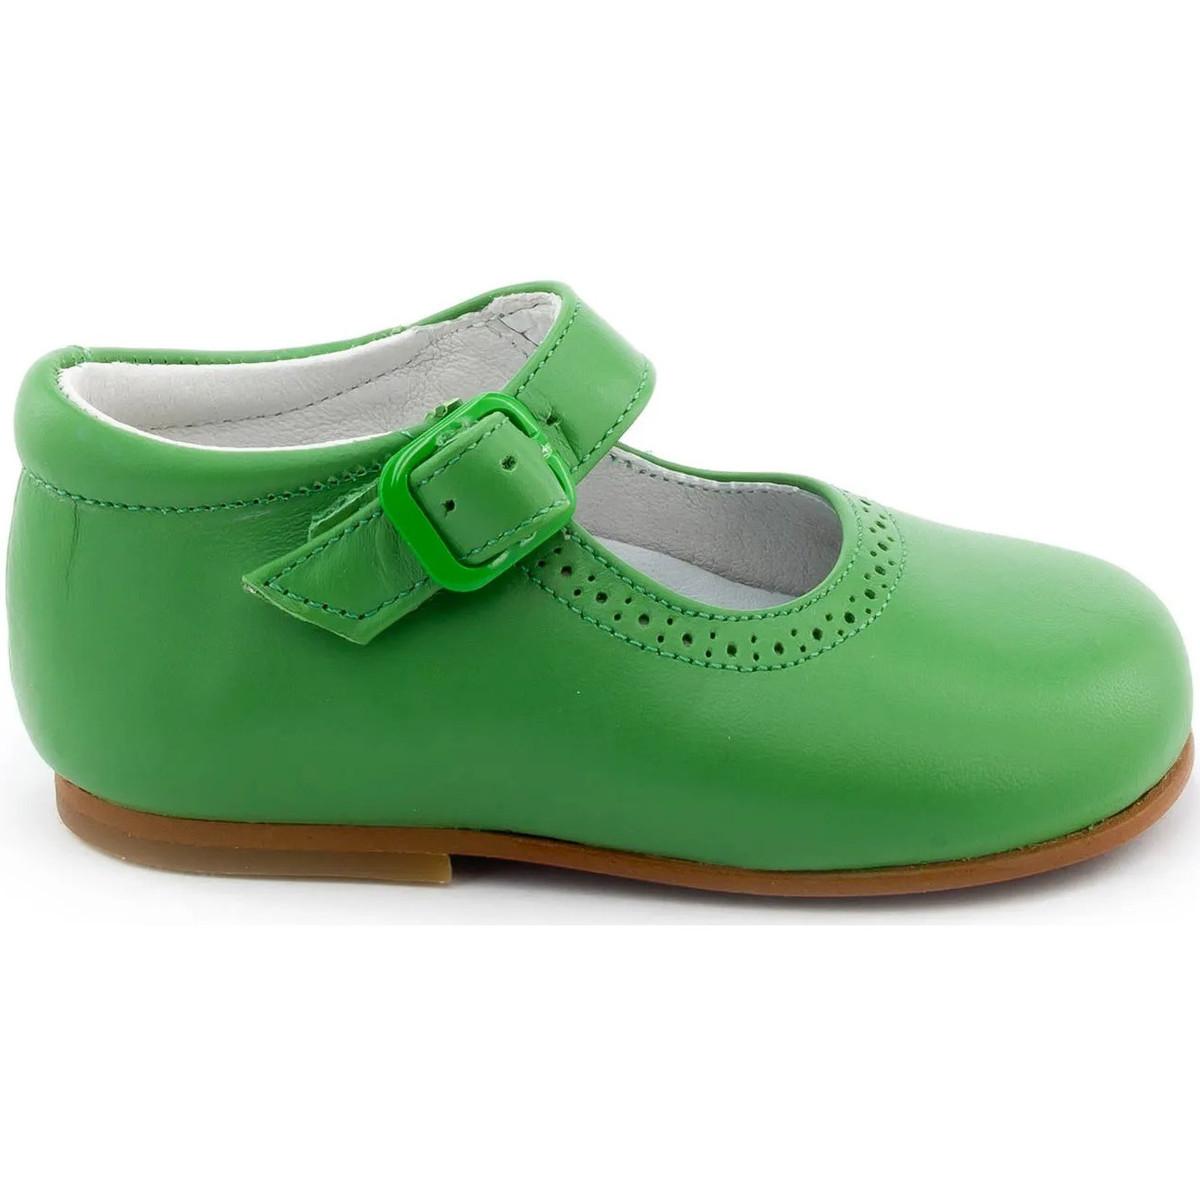 boni classic shoes boni catia chaussure fille premiers pas vert chaussures chaussons bebes. Black Bedroom Furniture Sets. Home Design Ideas